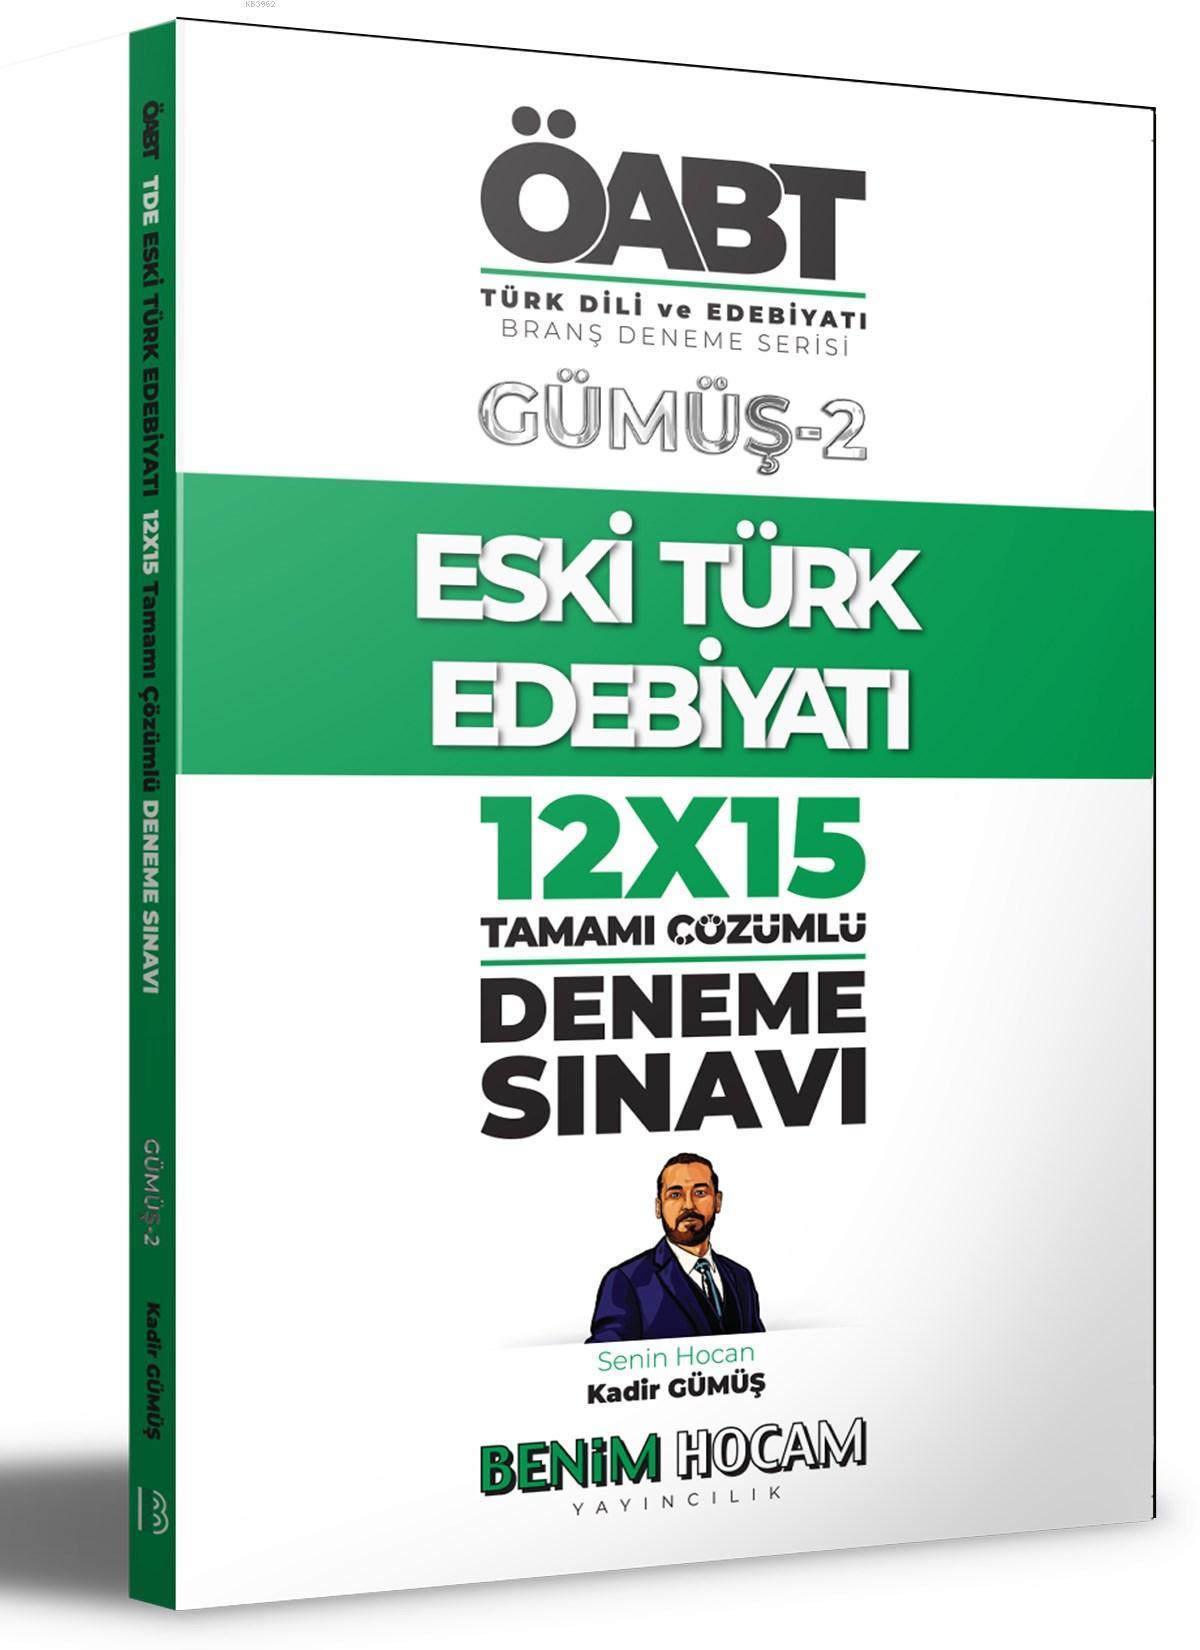 2021 KPSS Gümüş Serisi 2 ÖABT Türk Dili ve Edebiyatı Eski Edebiyatı Deneme Sınavları Benim Hocam